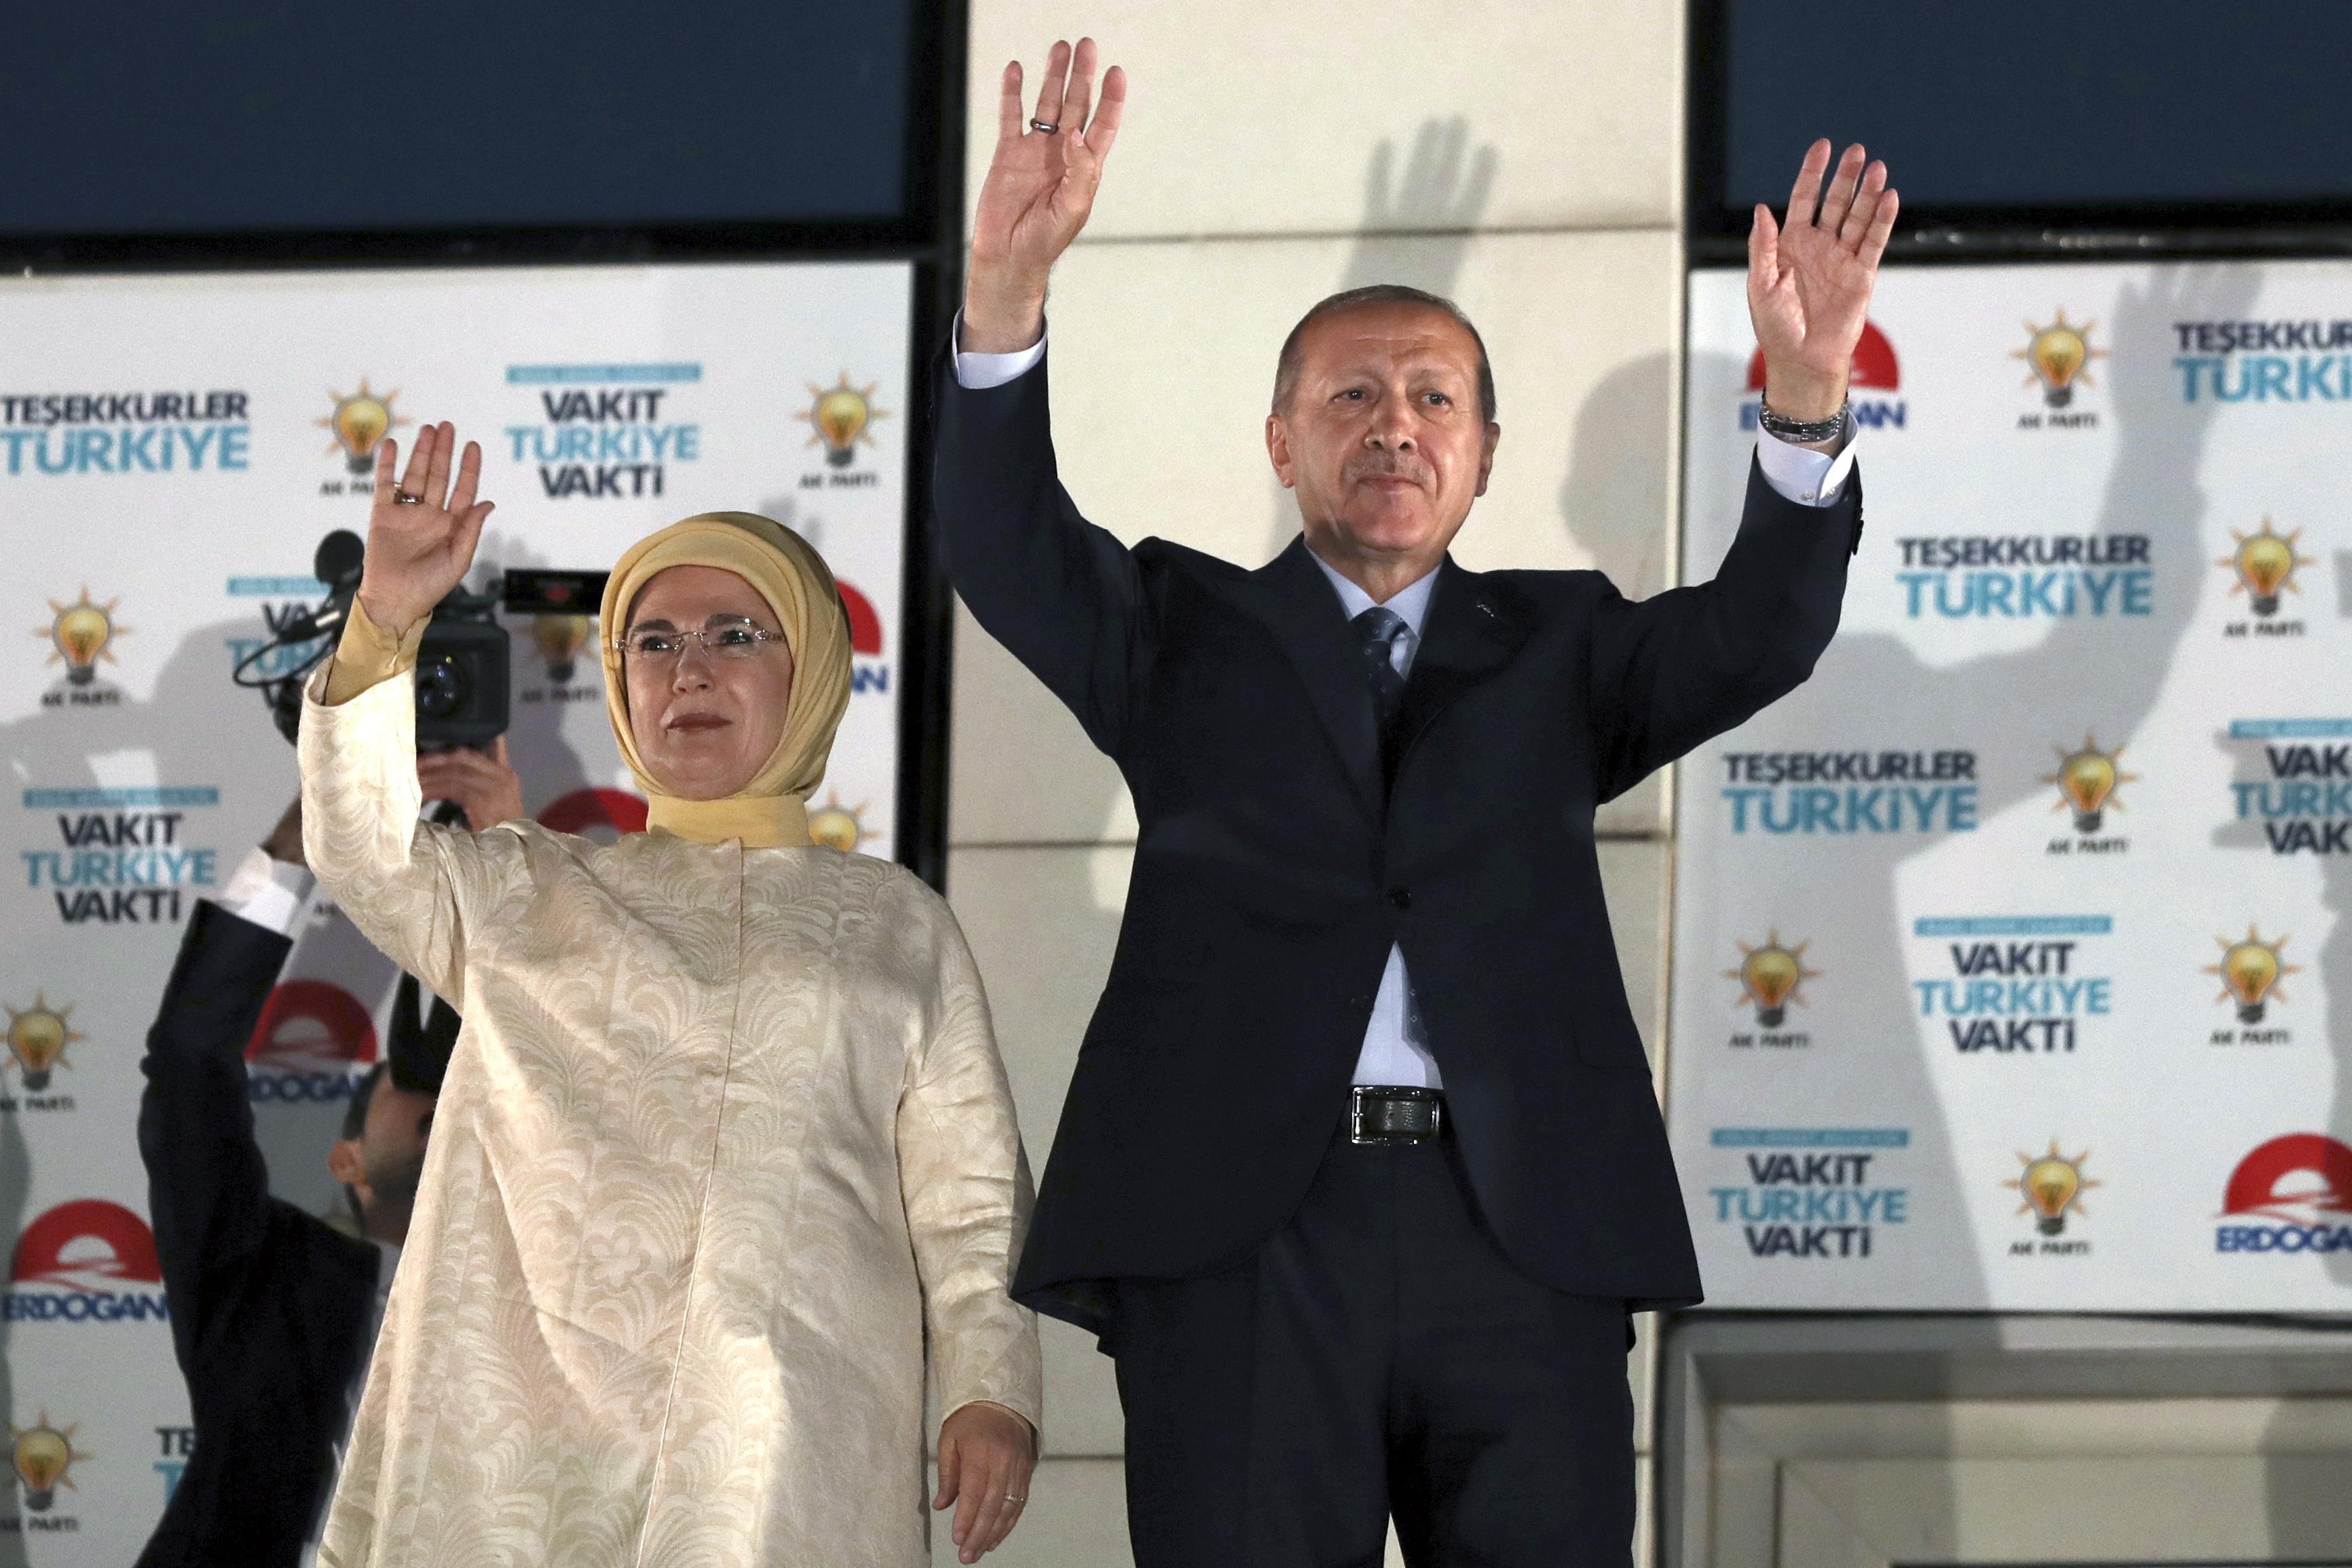 Friss hírek: A magyar kormányfő levelében azt írta, reméli, mihamarabb Magyarországra látogat az újraválasztott török államfő.